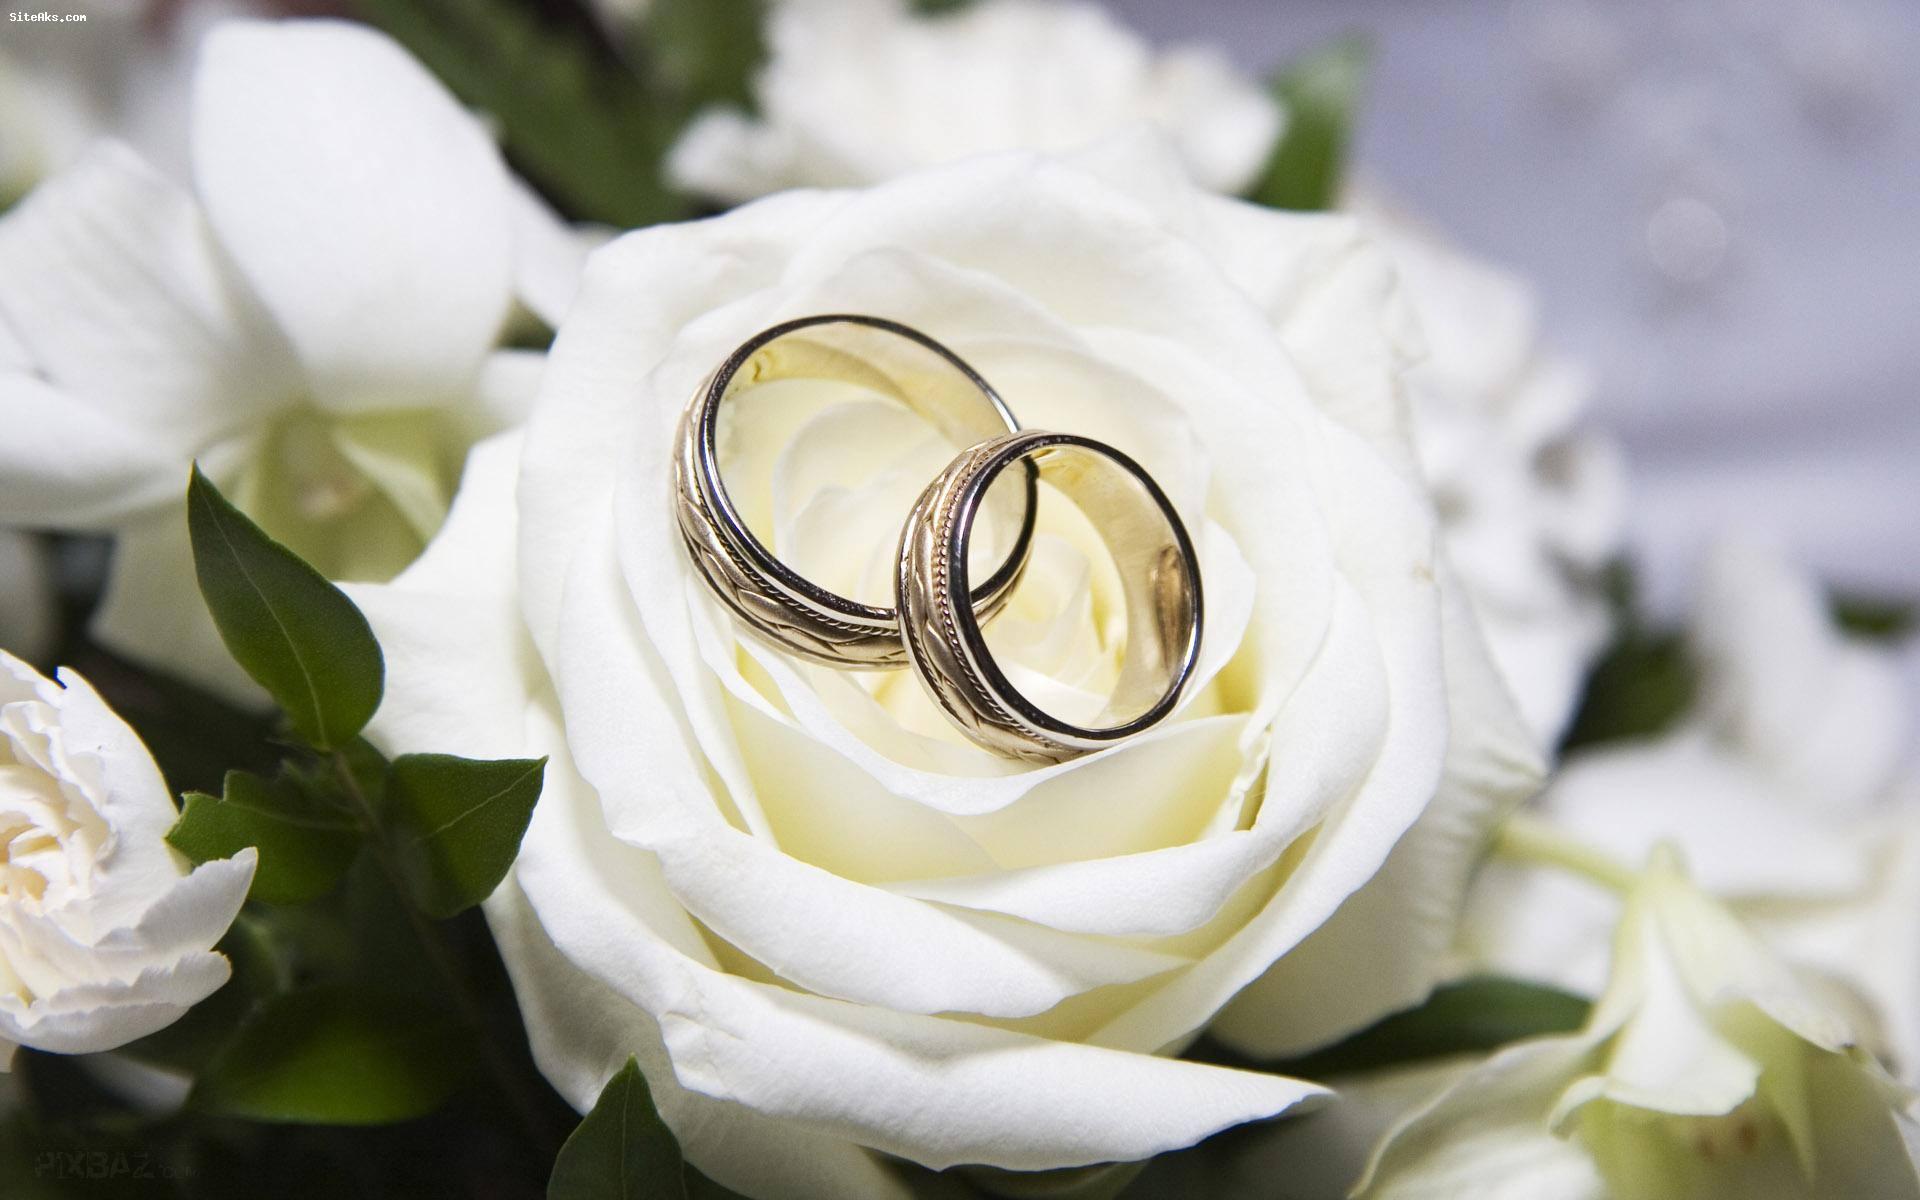 ازدواج دختران زیر ۱۳ سال حتی با اذن پدر و دادگاه ممنوع میشود